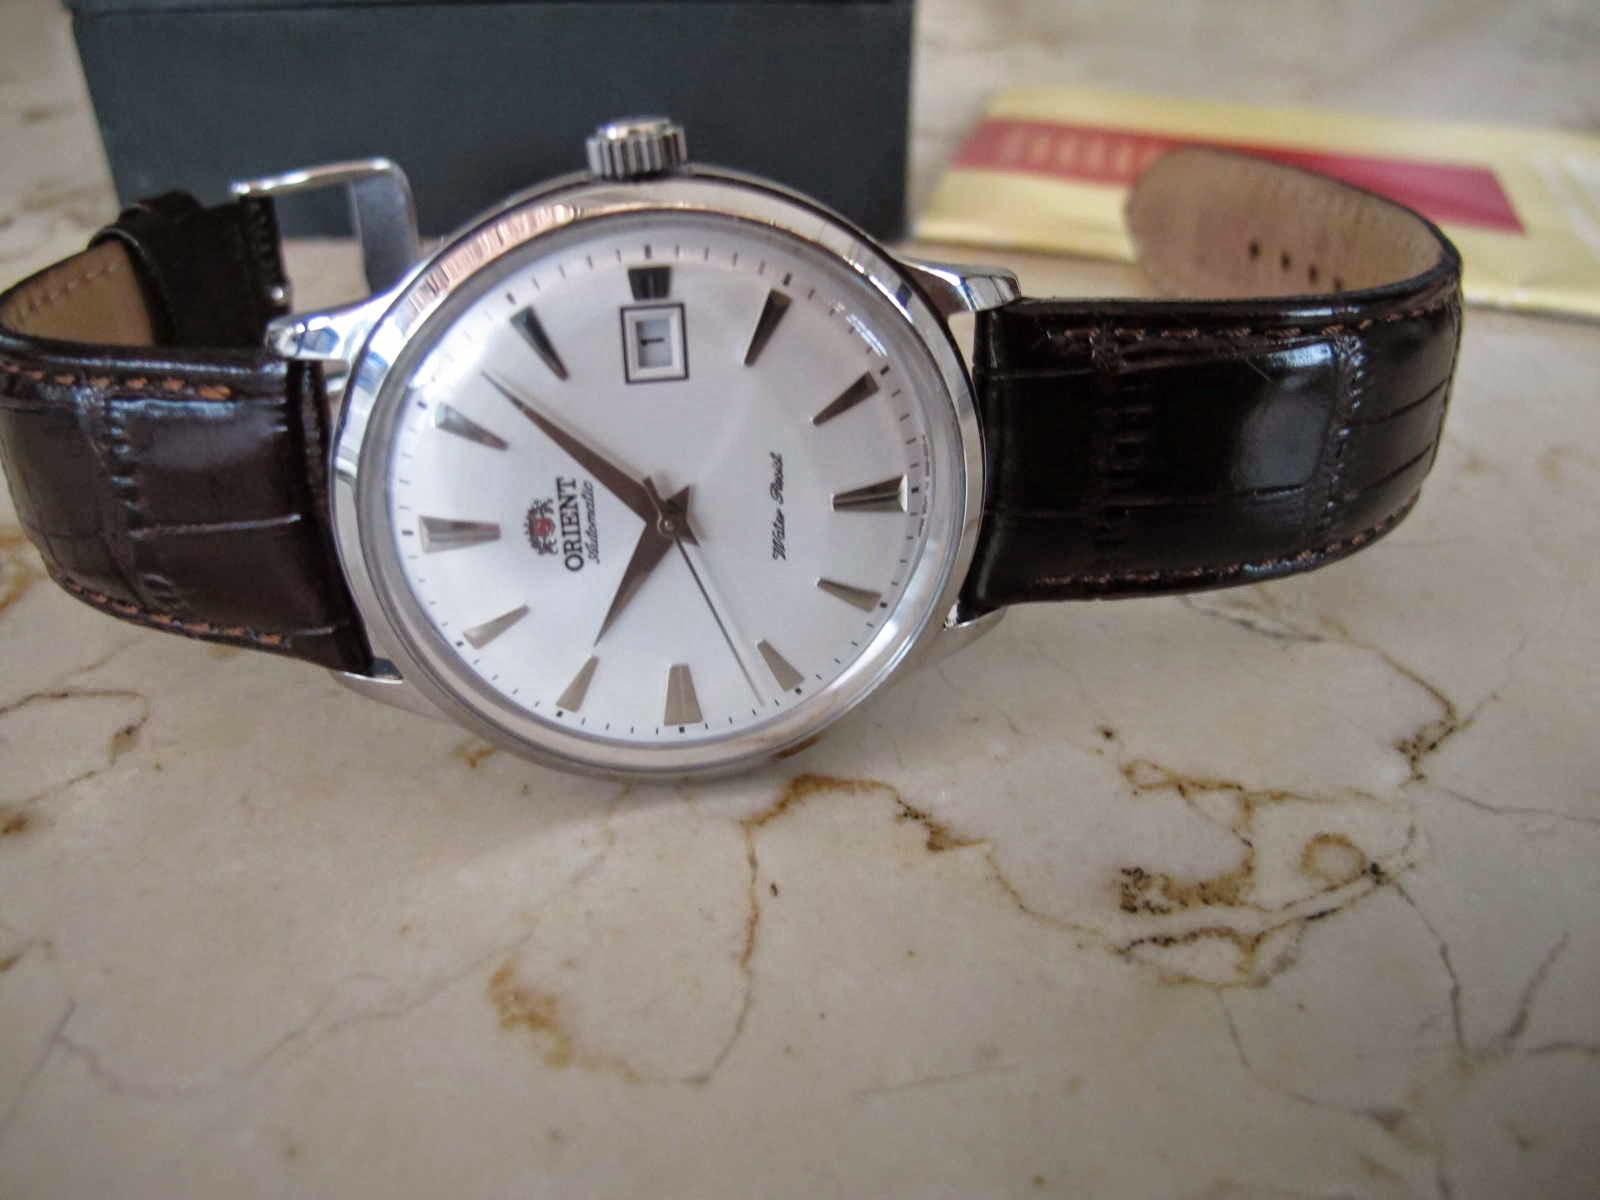 Cocok untuk Anda yang sedang mencari jam tangan model classic automatic dengan harga terjangkau